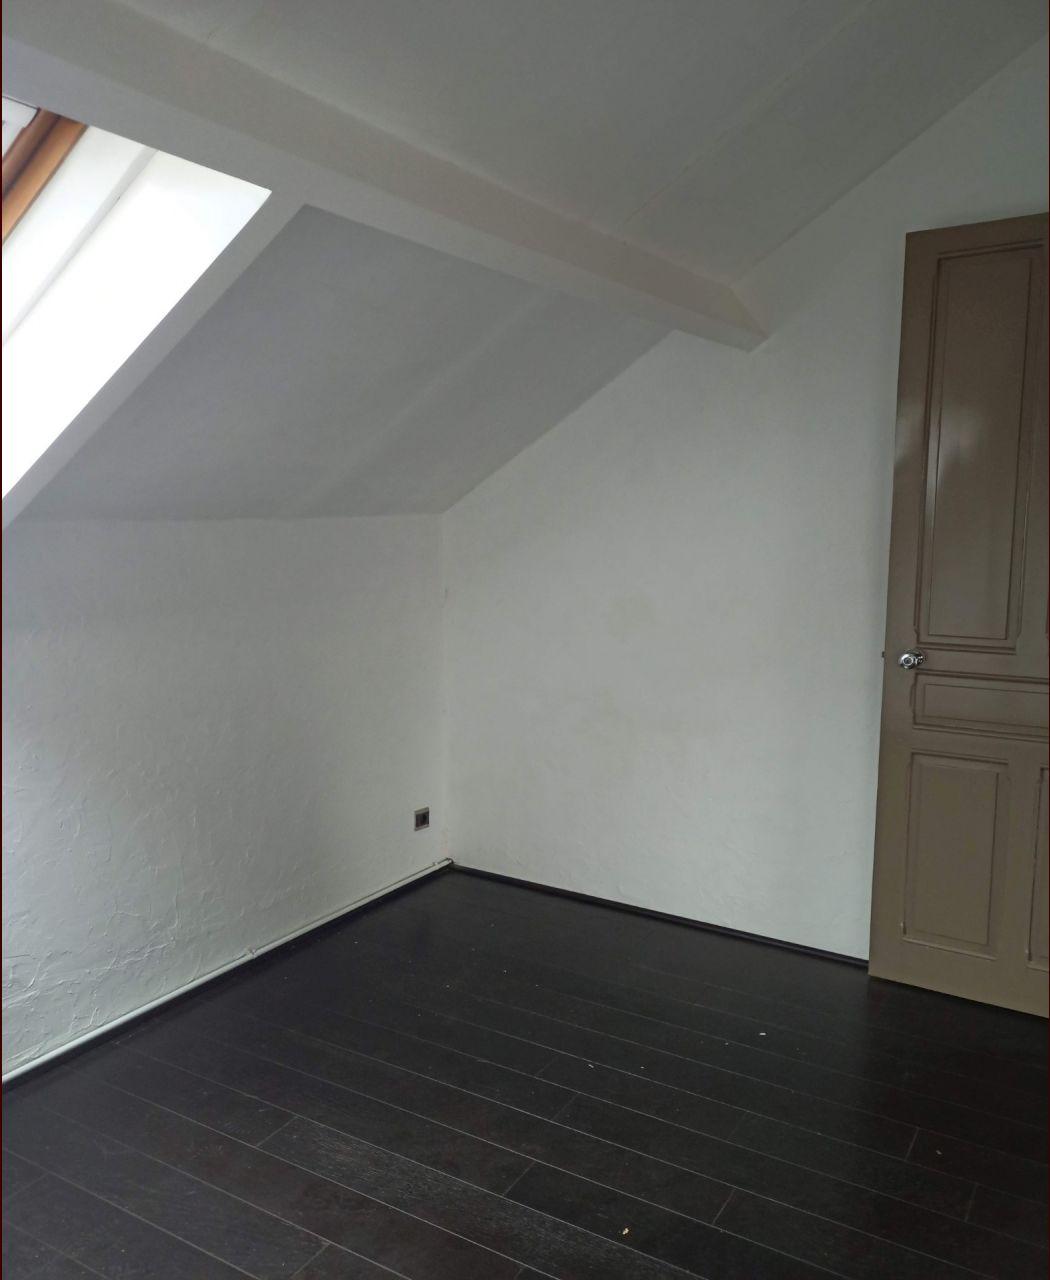 Le second étage restera sûrement quelques années ainsi, puisque nous nous concentrerons sur les étages inférieurs dans un premier temps.